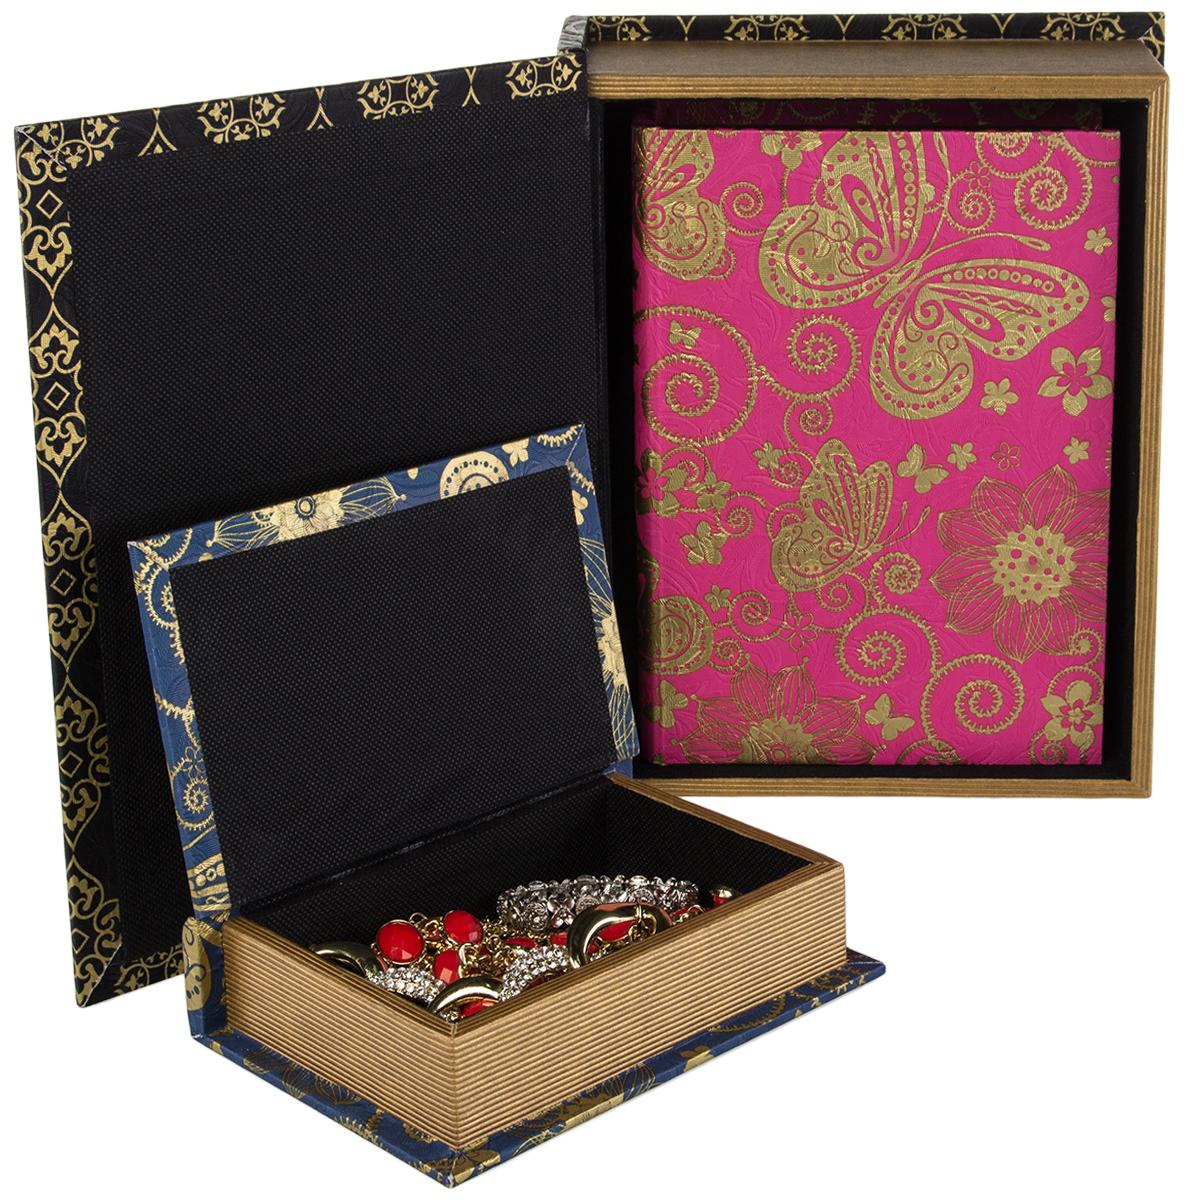 Large New Wooden Storage Box Diy Crates Toy Boxes Set: 3pc Decorative Faux Book Nesting Storage Boxes Set Secret